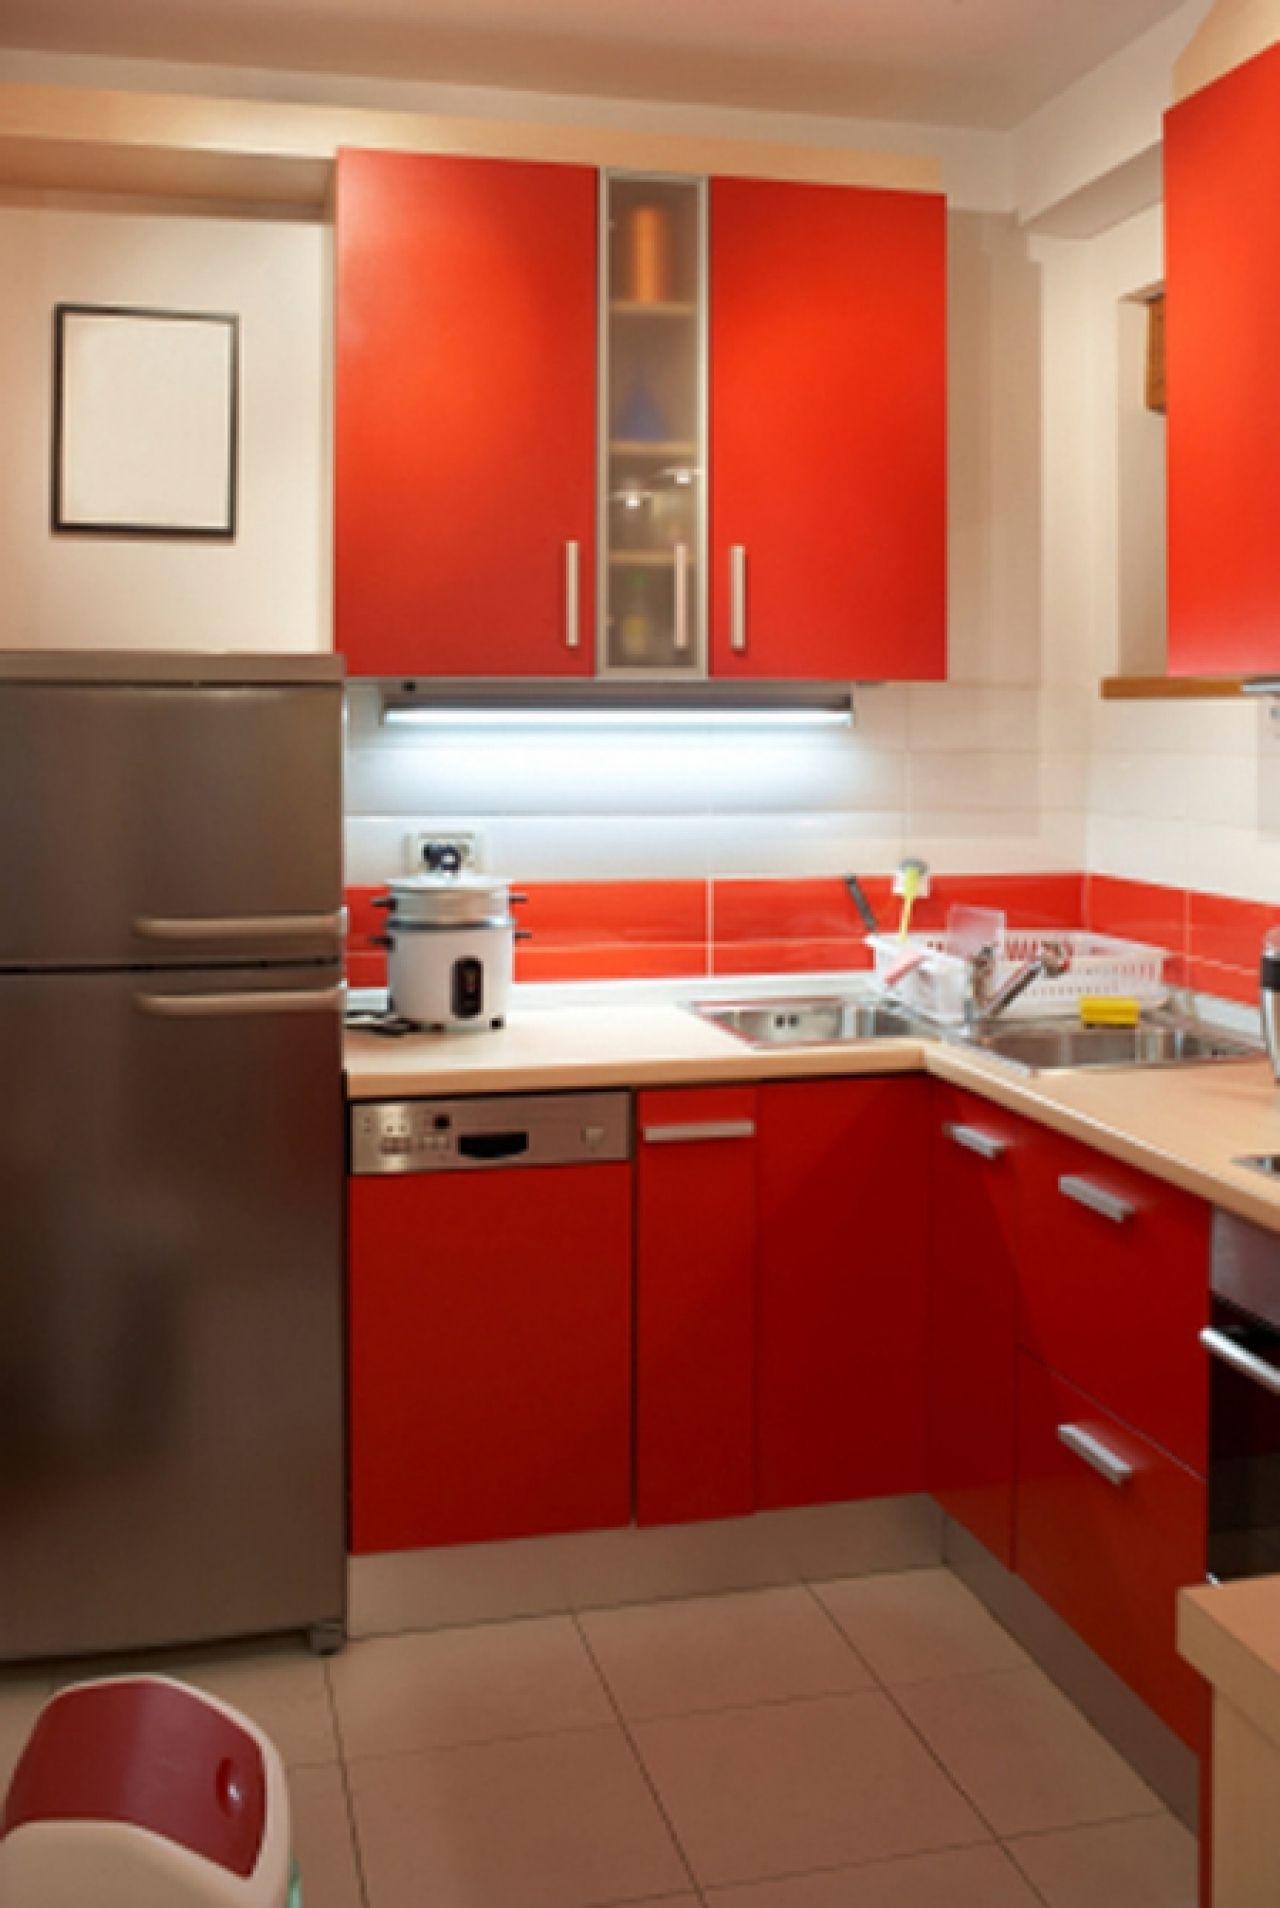 Creative Ideas For Small Kitchen Design Kitchen Remodel Small